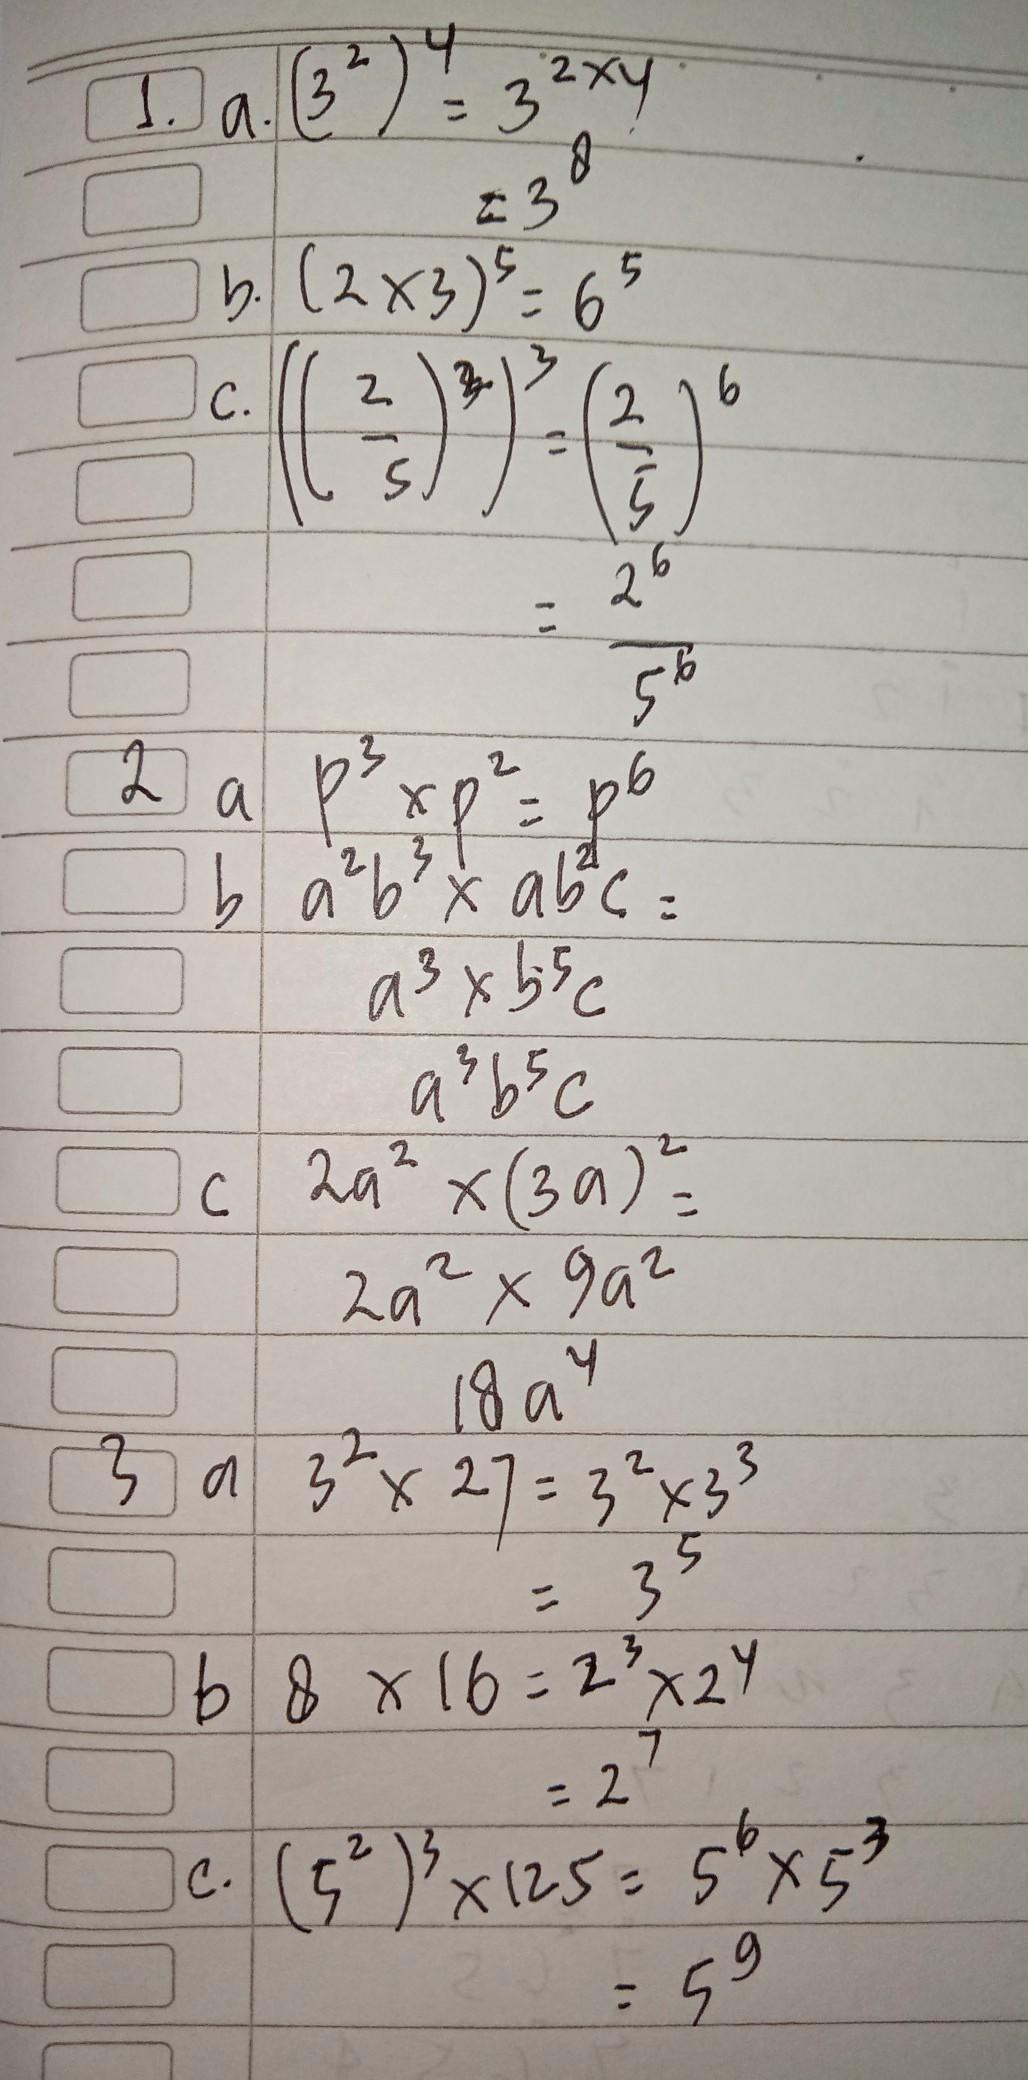 Tuliskan Dalam Bentuk Pangkat Paling Sederhana : tuliskan, dalam, bentuk, pangkat, paling, sederhana, Sederhana, Kanlah, Bentuk, Pangkat, Berikut, (3²)⁴, 3)pangkat5, 2/5)²)³, Brainly.co.id